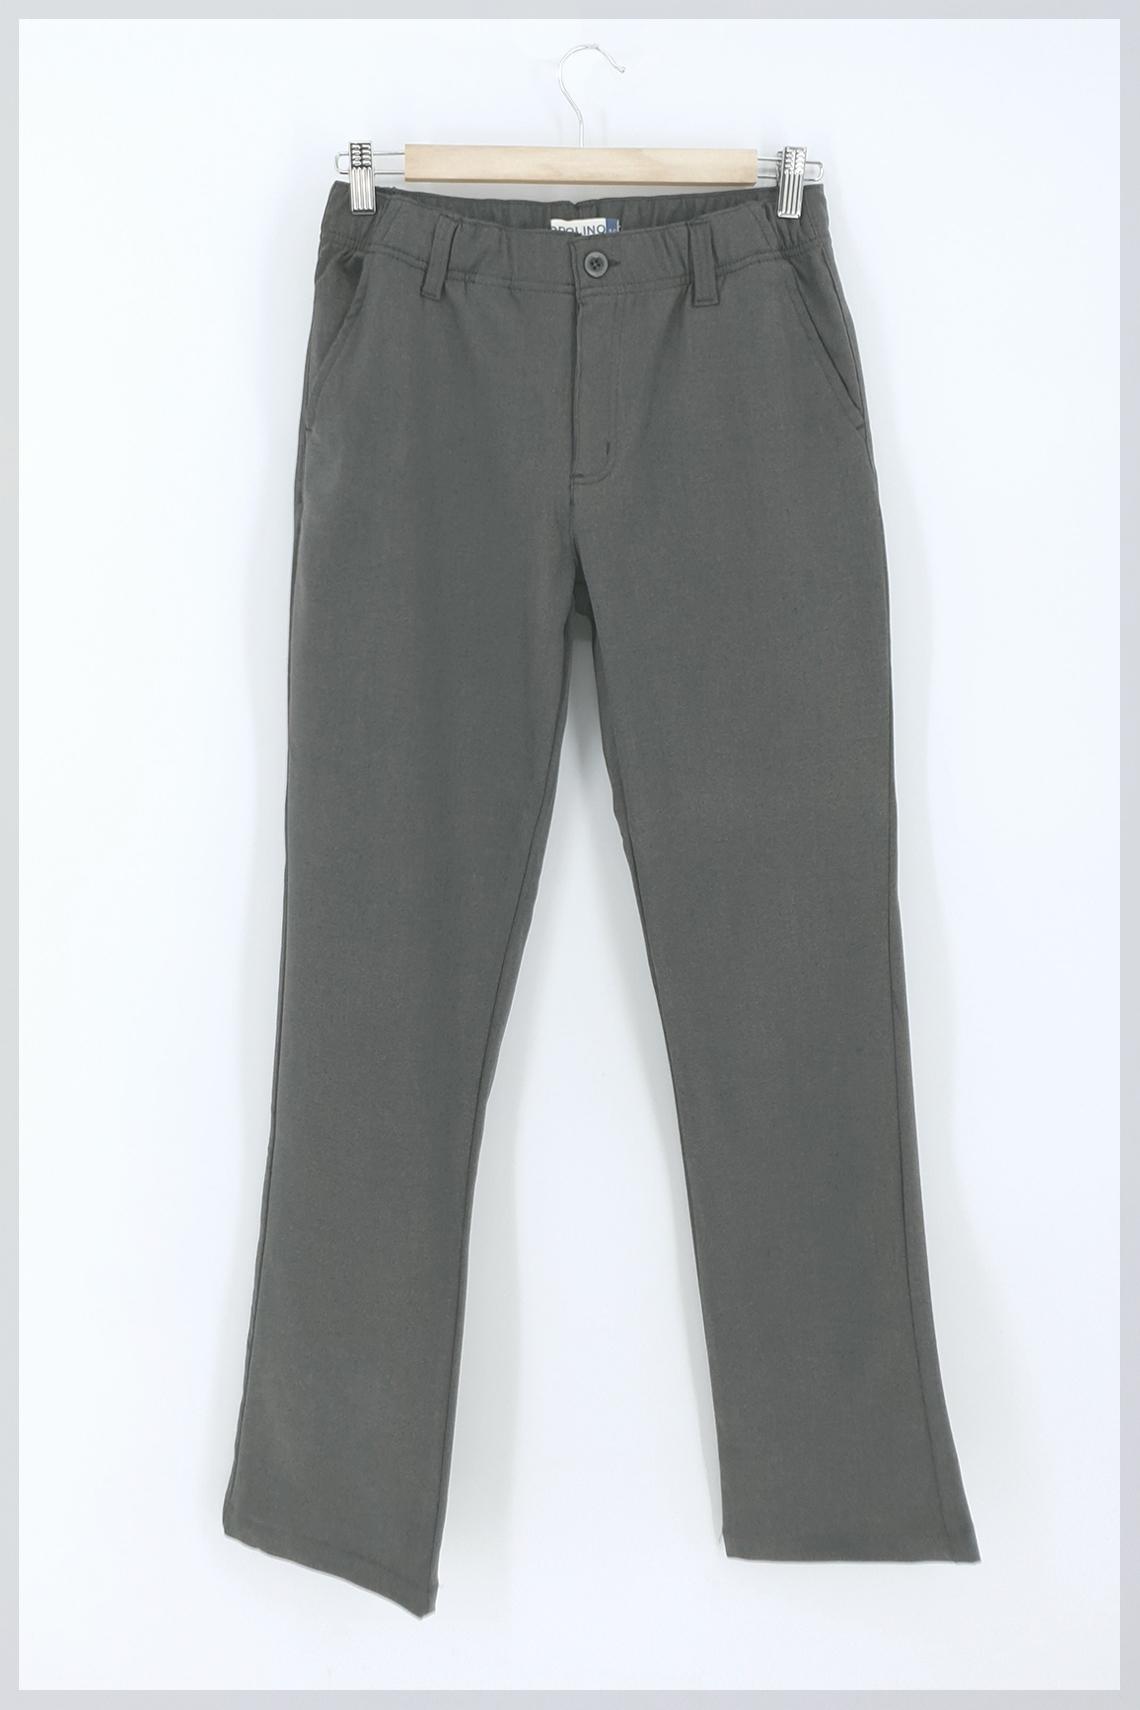 Pantalon Vestir Niño (10 - 16)